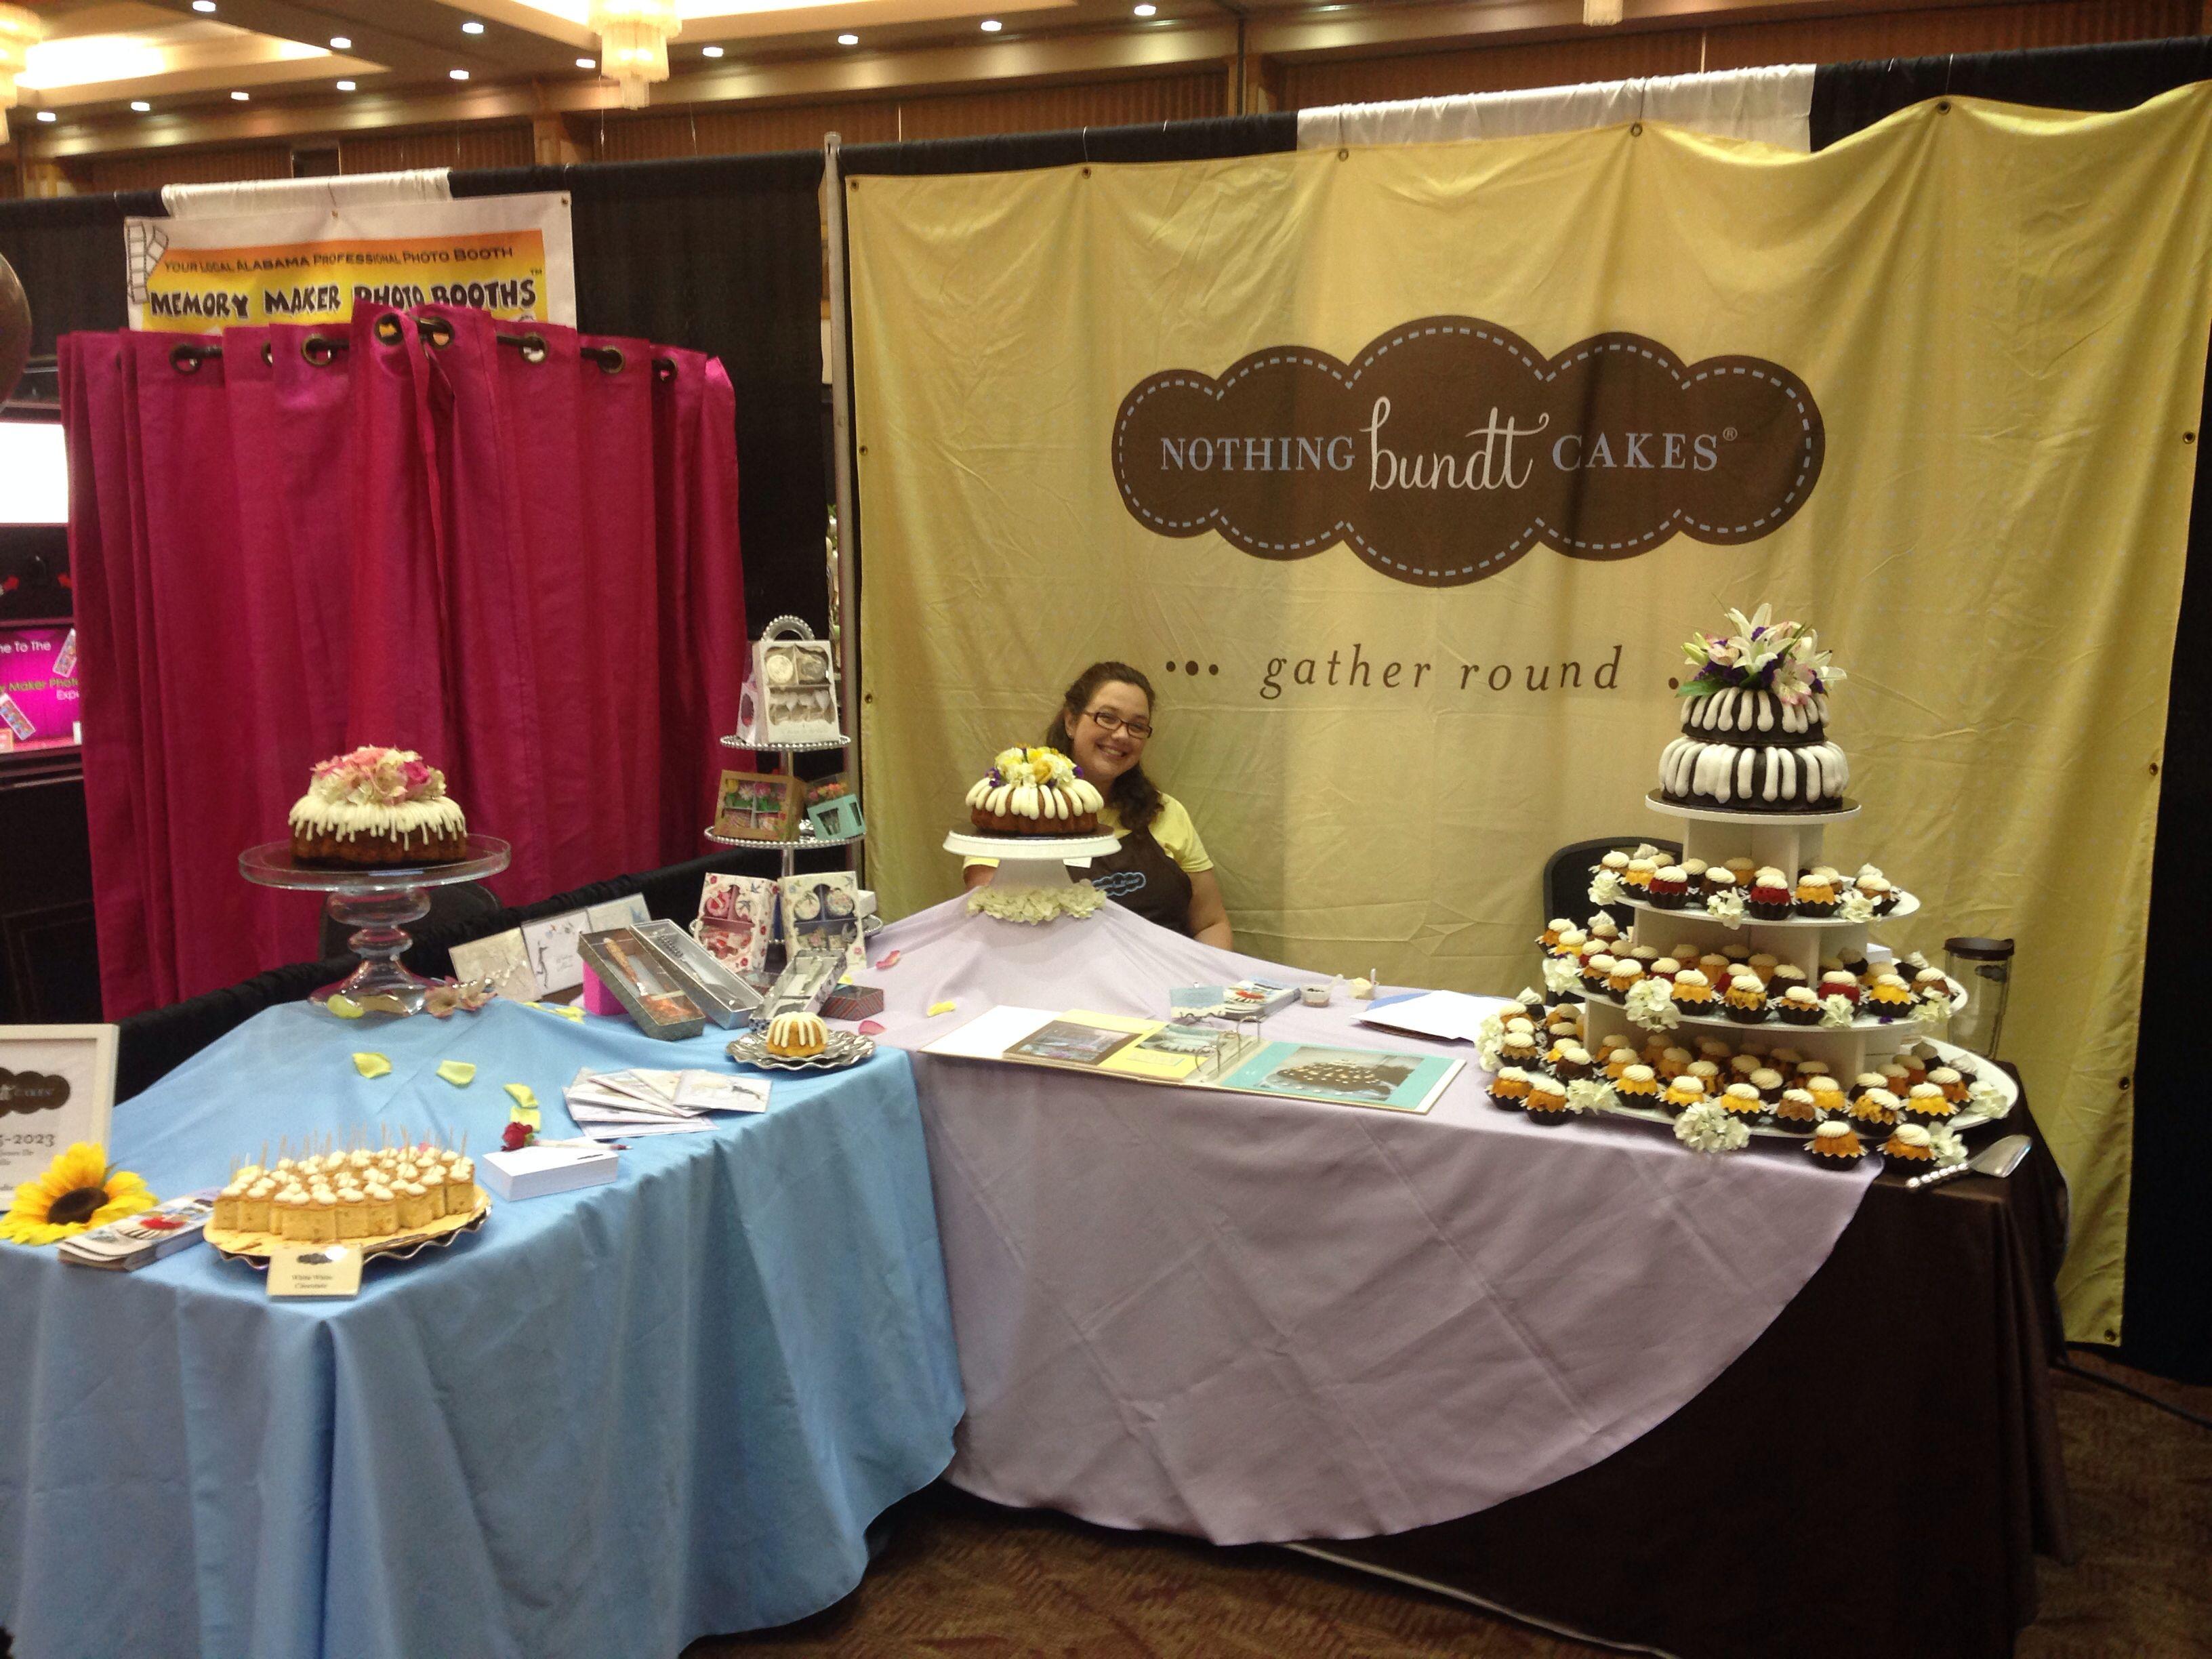 Bridal fair nothingbundtcakes nothing bundt cakes